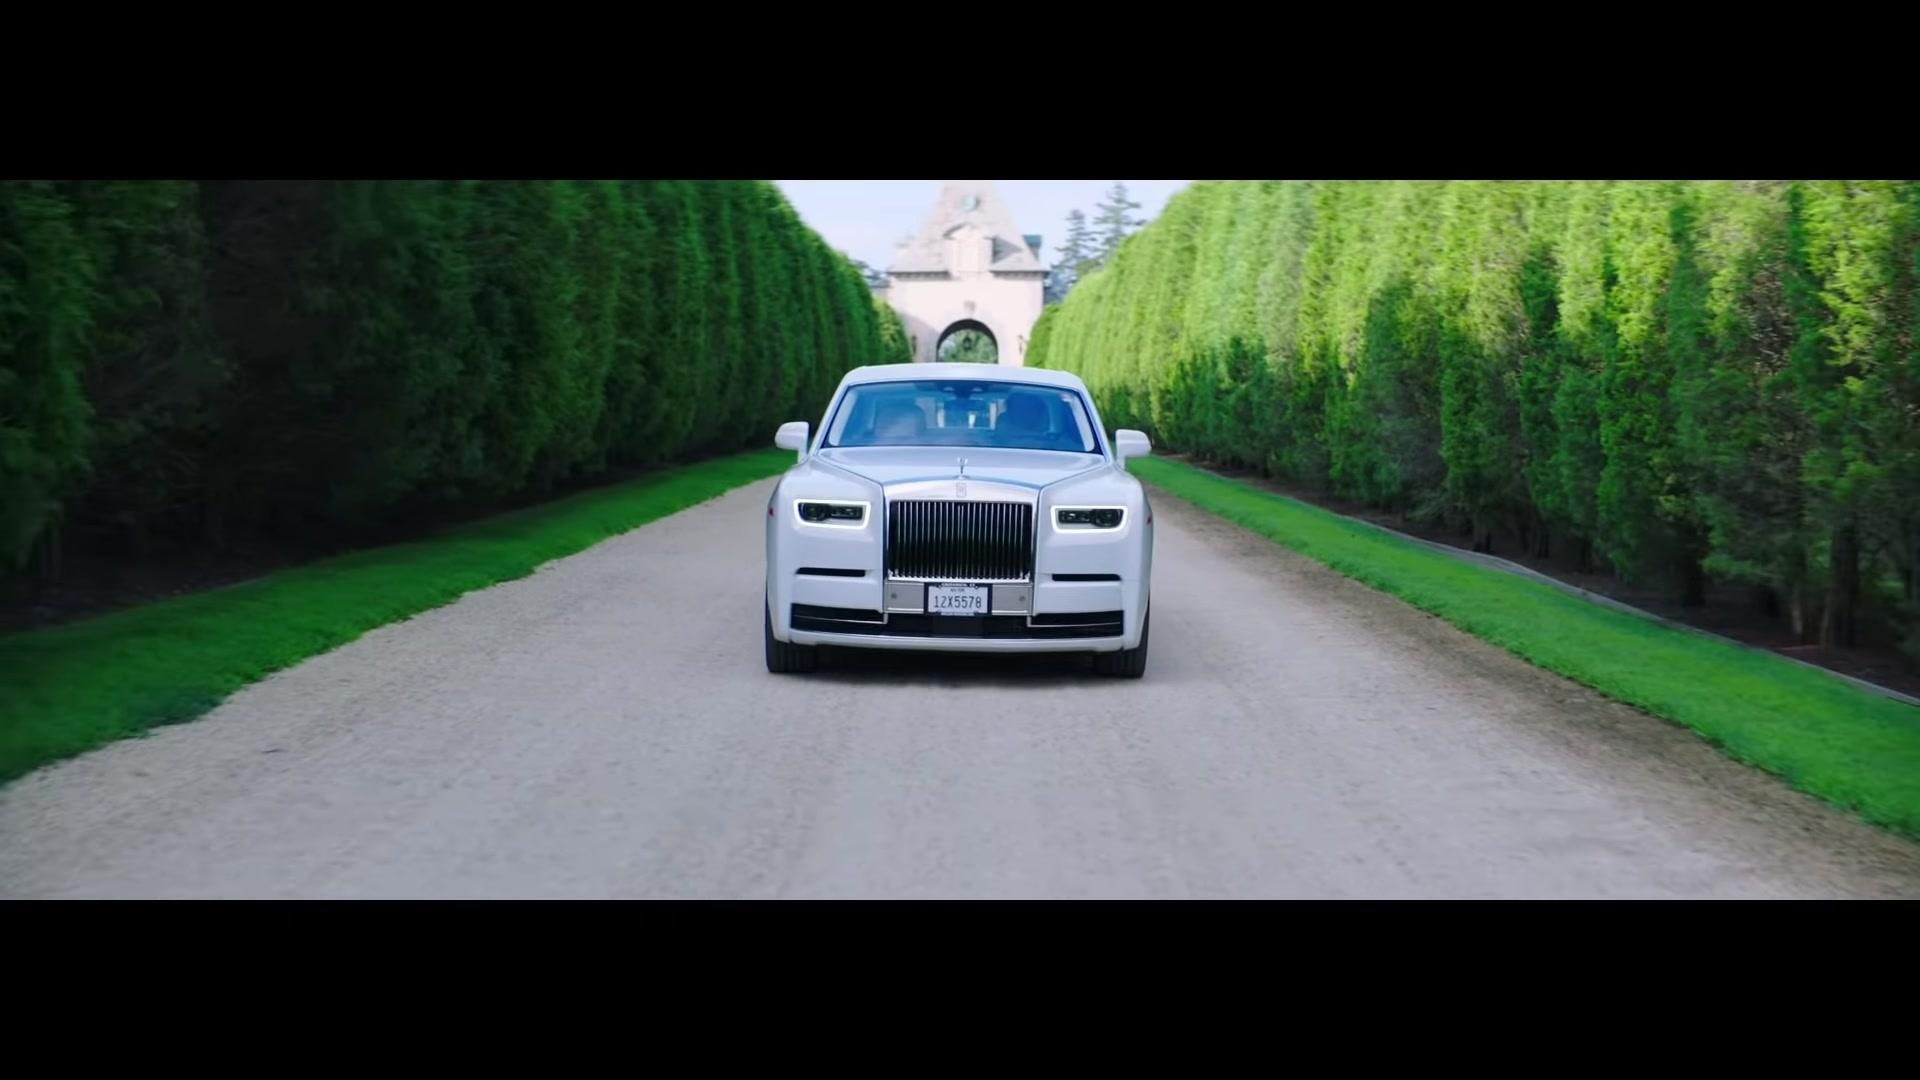 Rolls Royce Phantom White Car In Pa Ti Lonely By Jennifer Lopez Maluma 2020